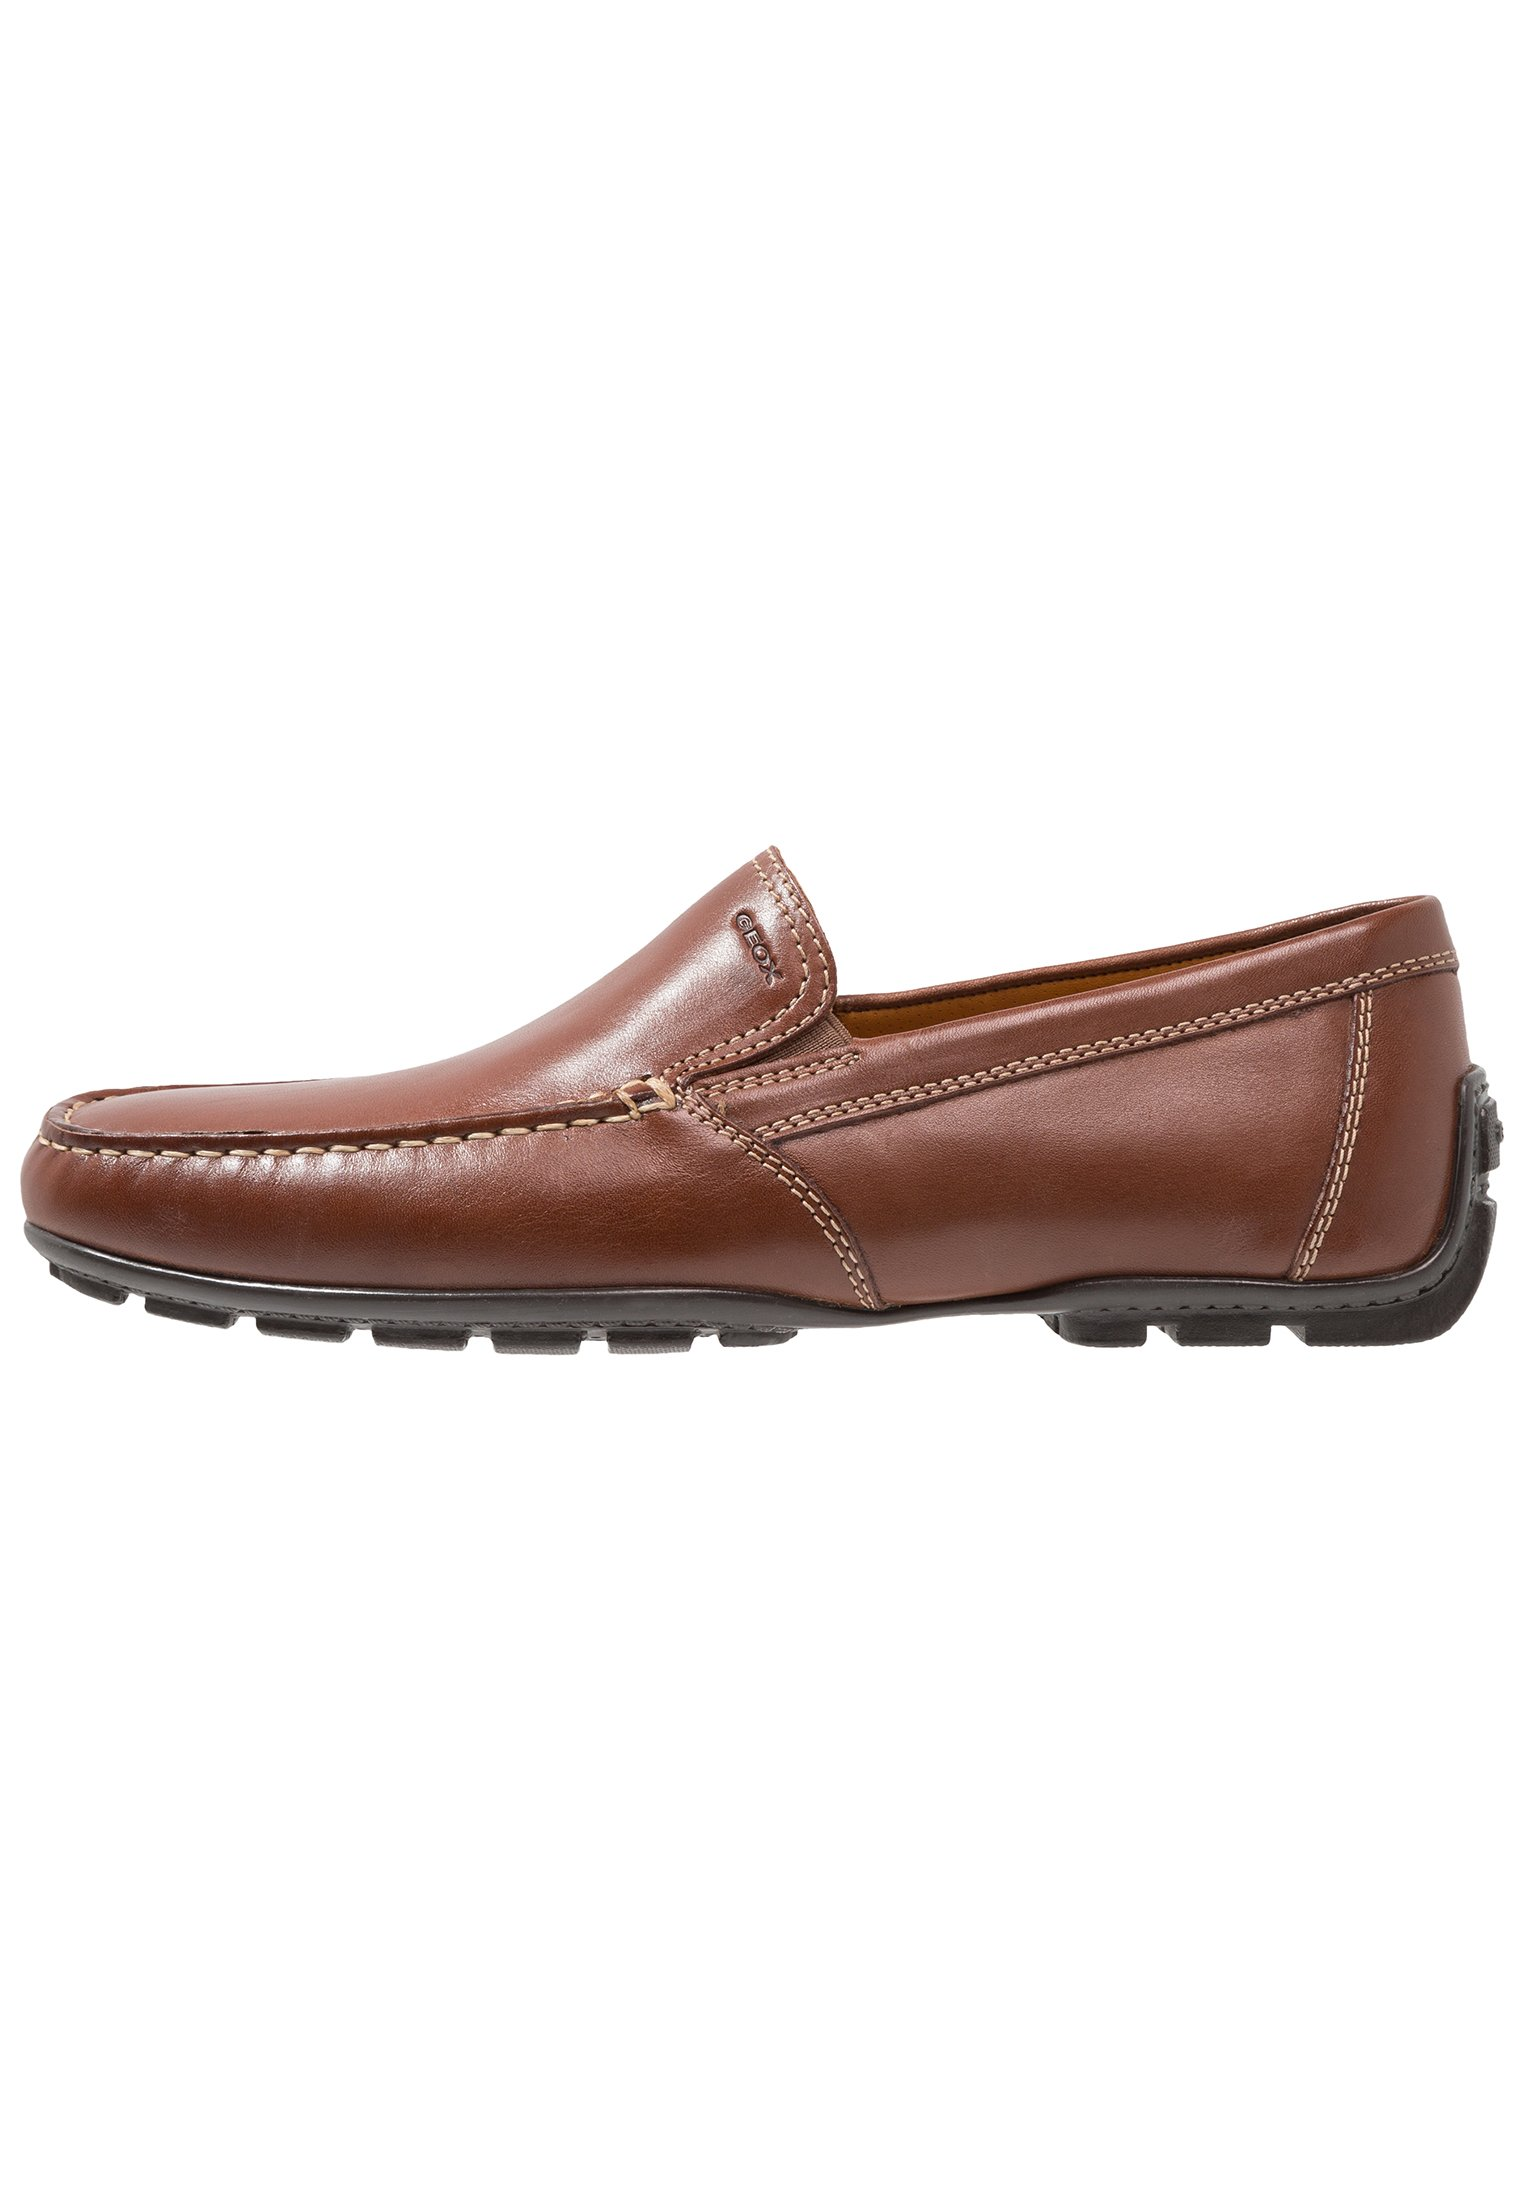 Mokassins für Herren | Top Marken ✓ große Auswahl ✓ | ZALANDO